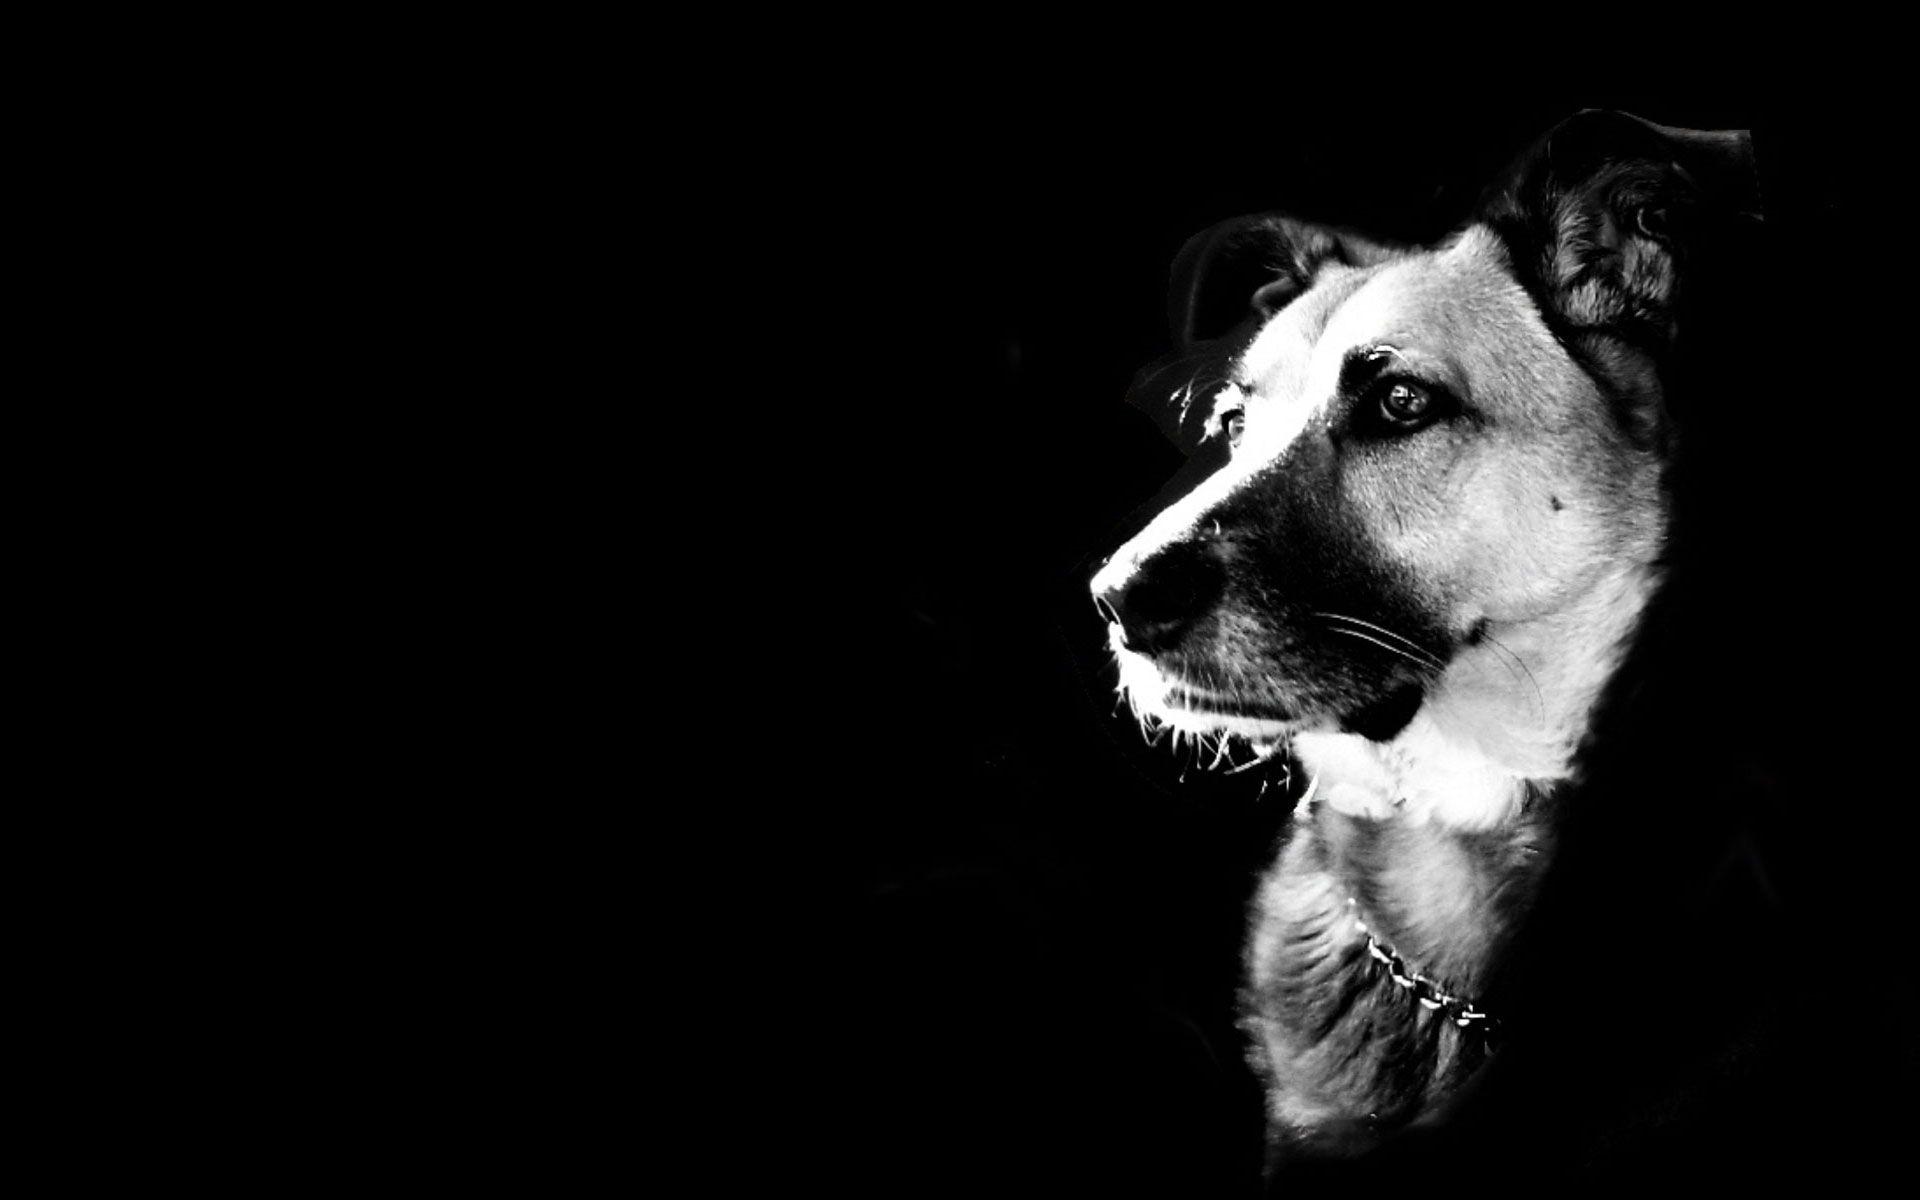 Black And White Dog Wallpaper ~ Sdeerwallpaper